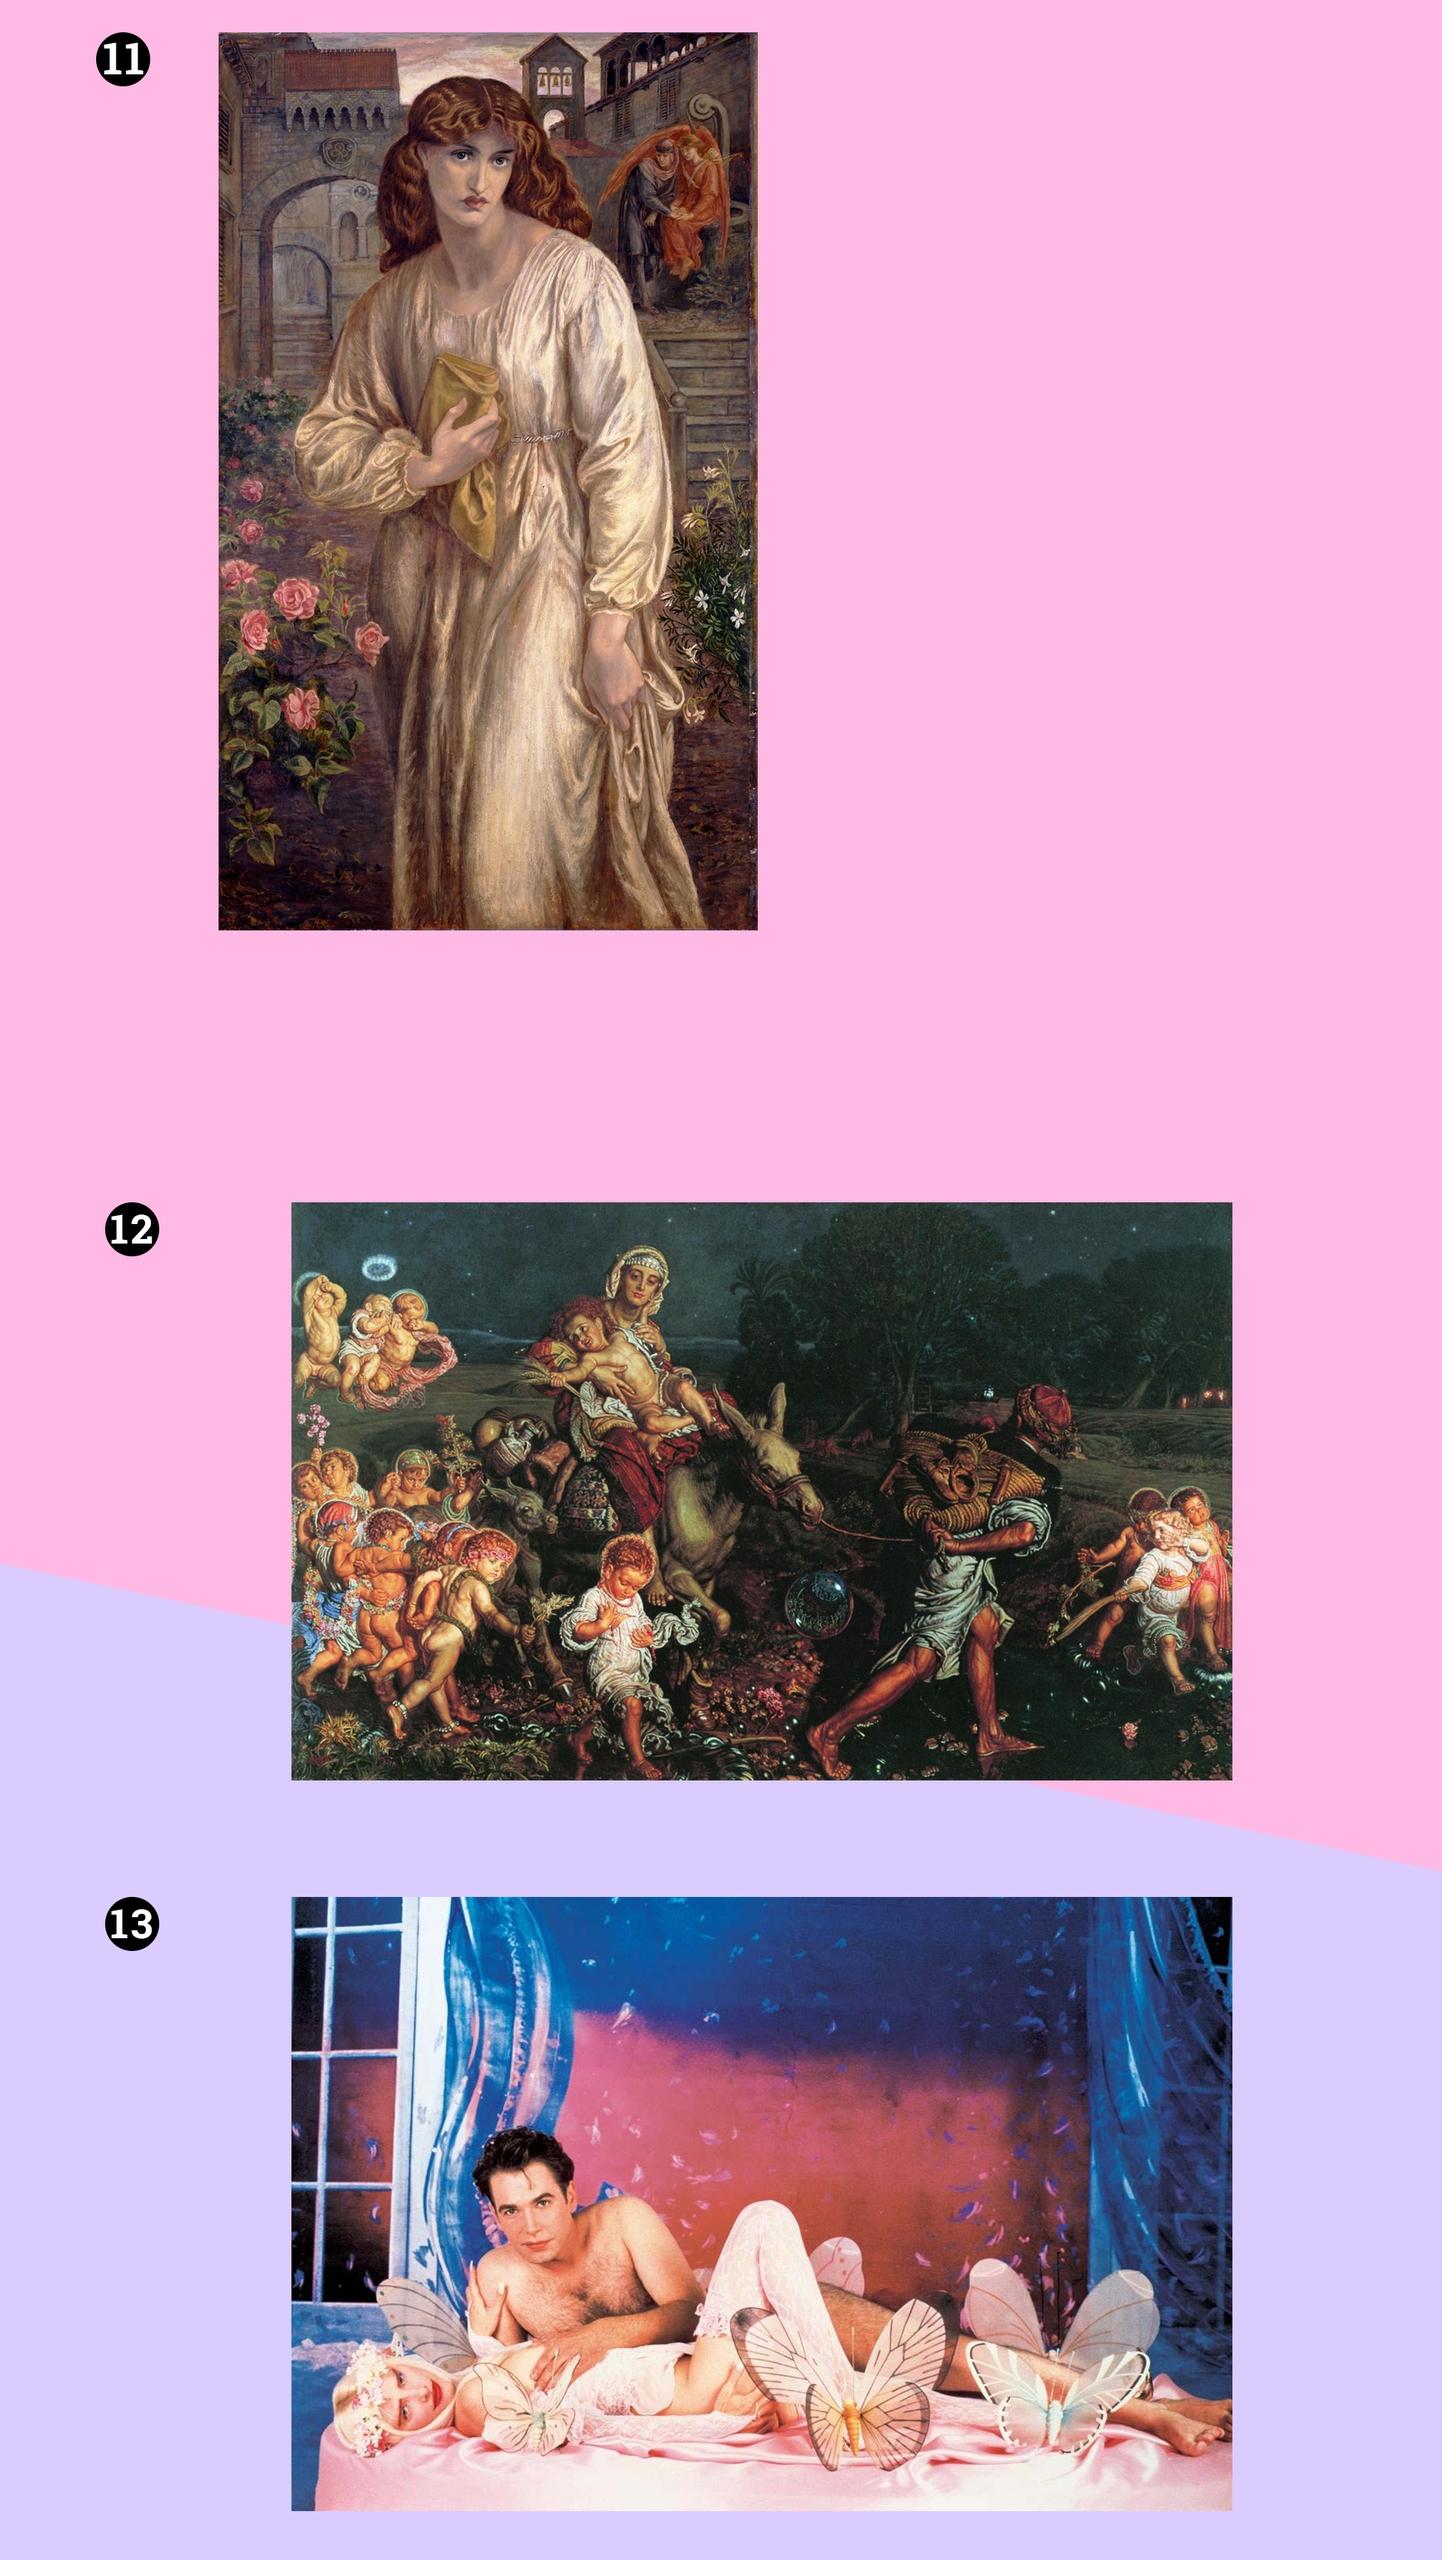 Obraz przedstawia trzy fotografie. Są to dzieła artystów z różnych okresów. Całość na różowo-fioletowym tle.